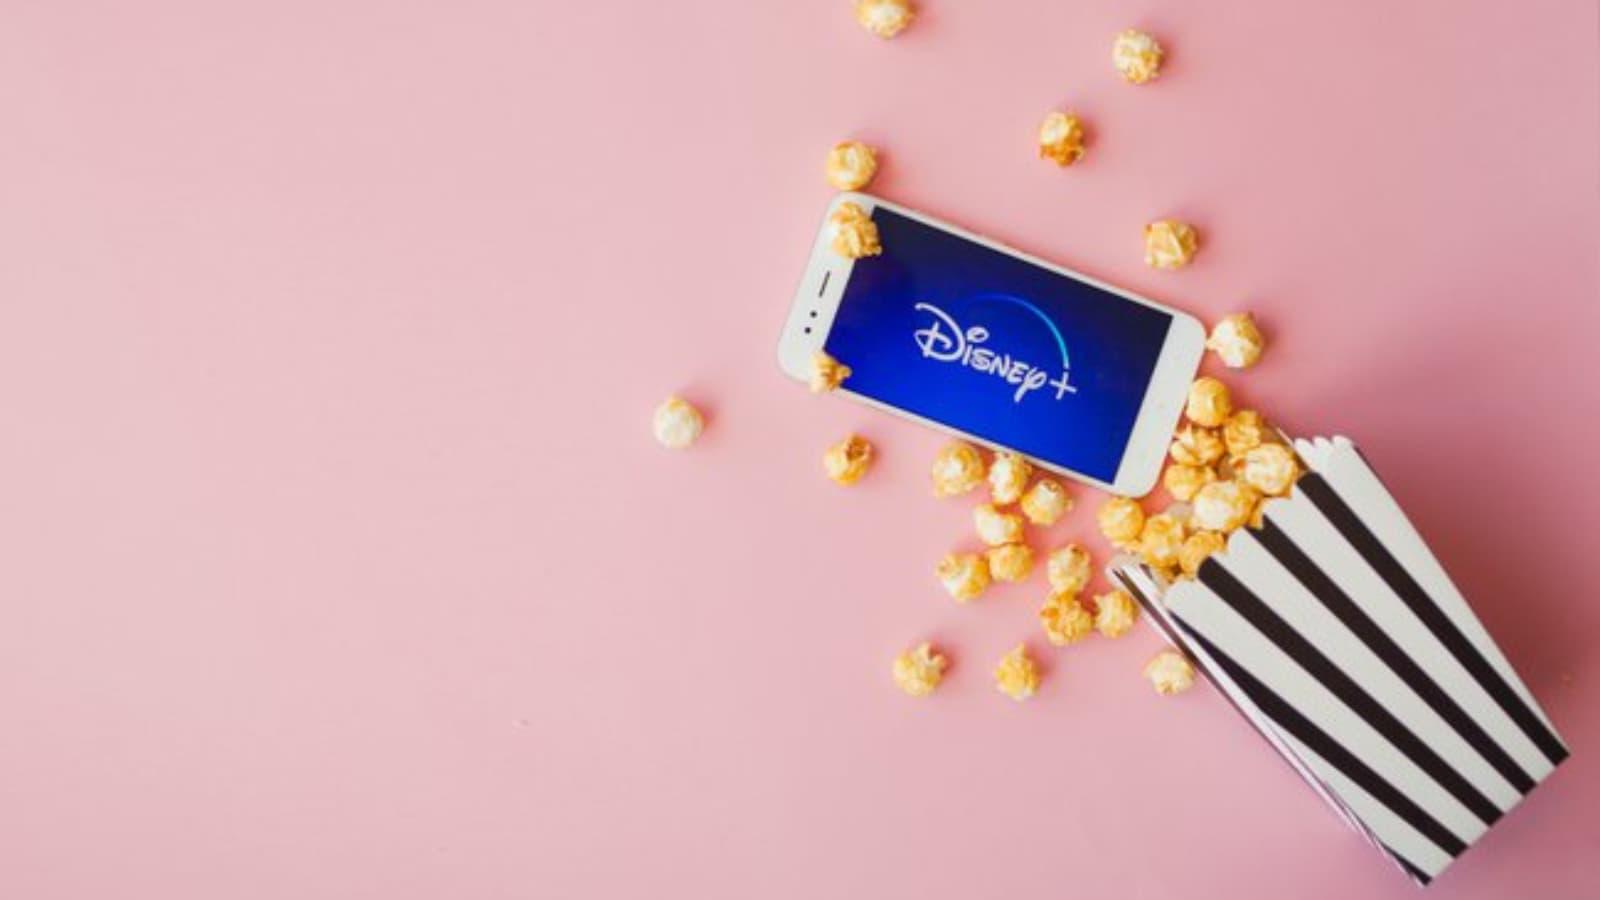 Découvrez Disney+ en pack avec SFR Cinéma